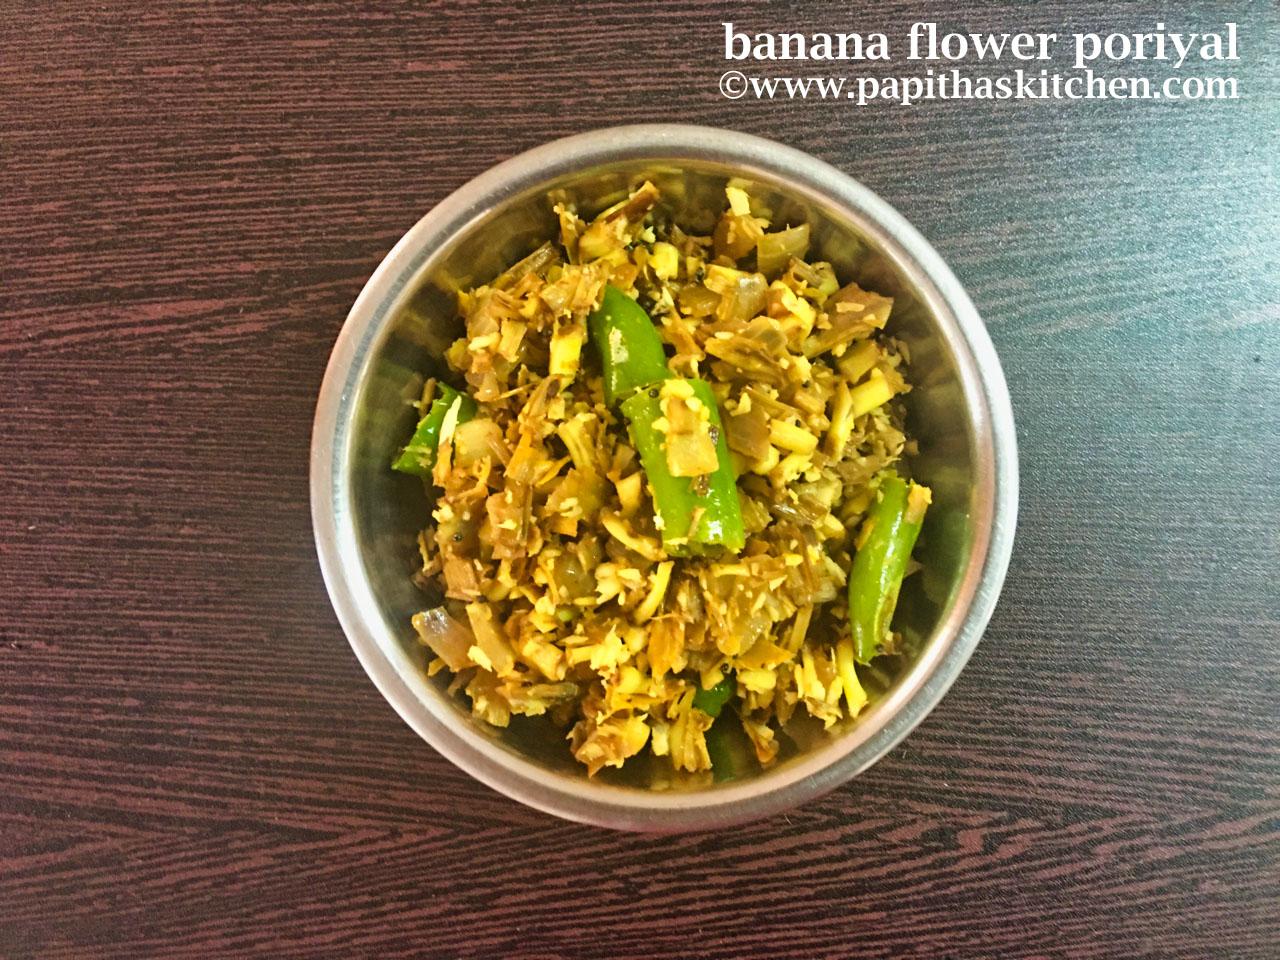 banana flower poriyal